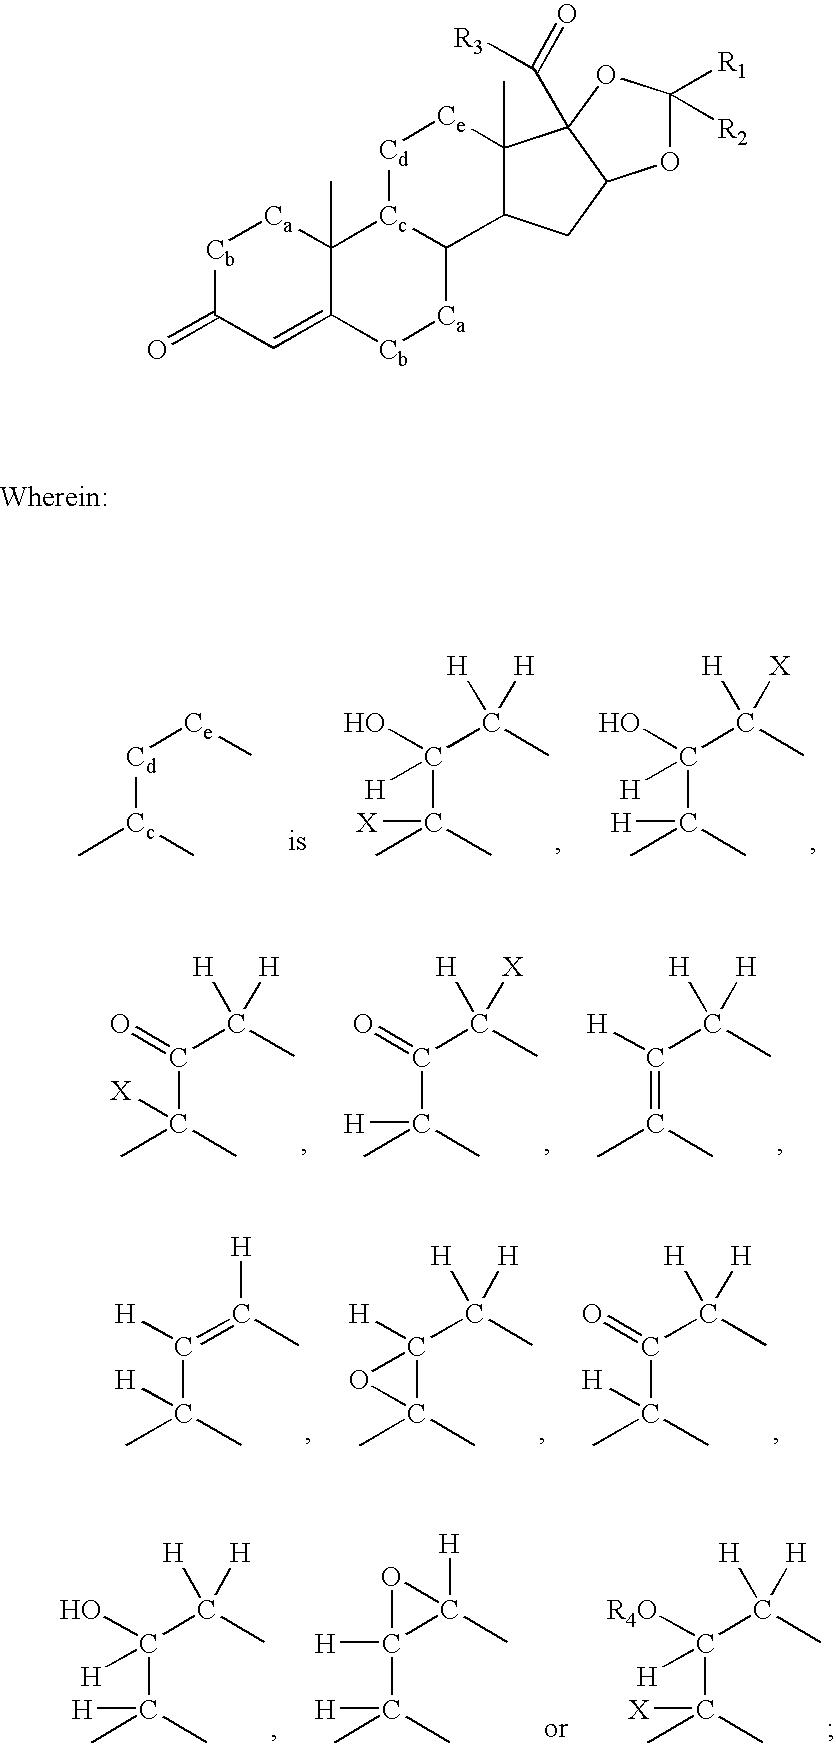 Figure US20050192264A1-20050901-C00001